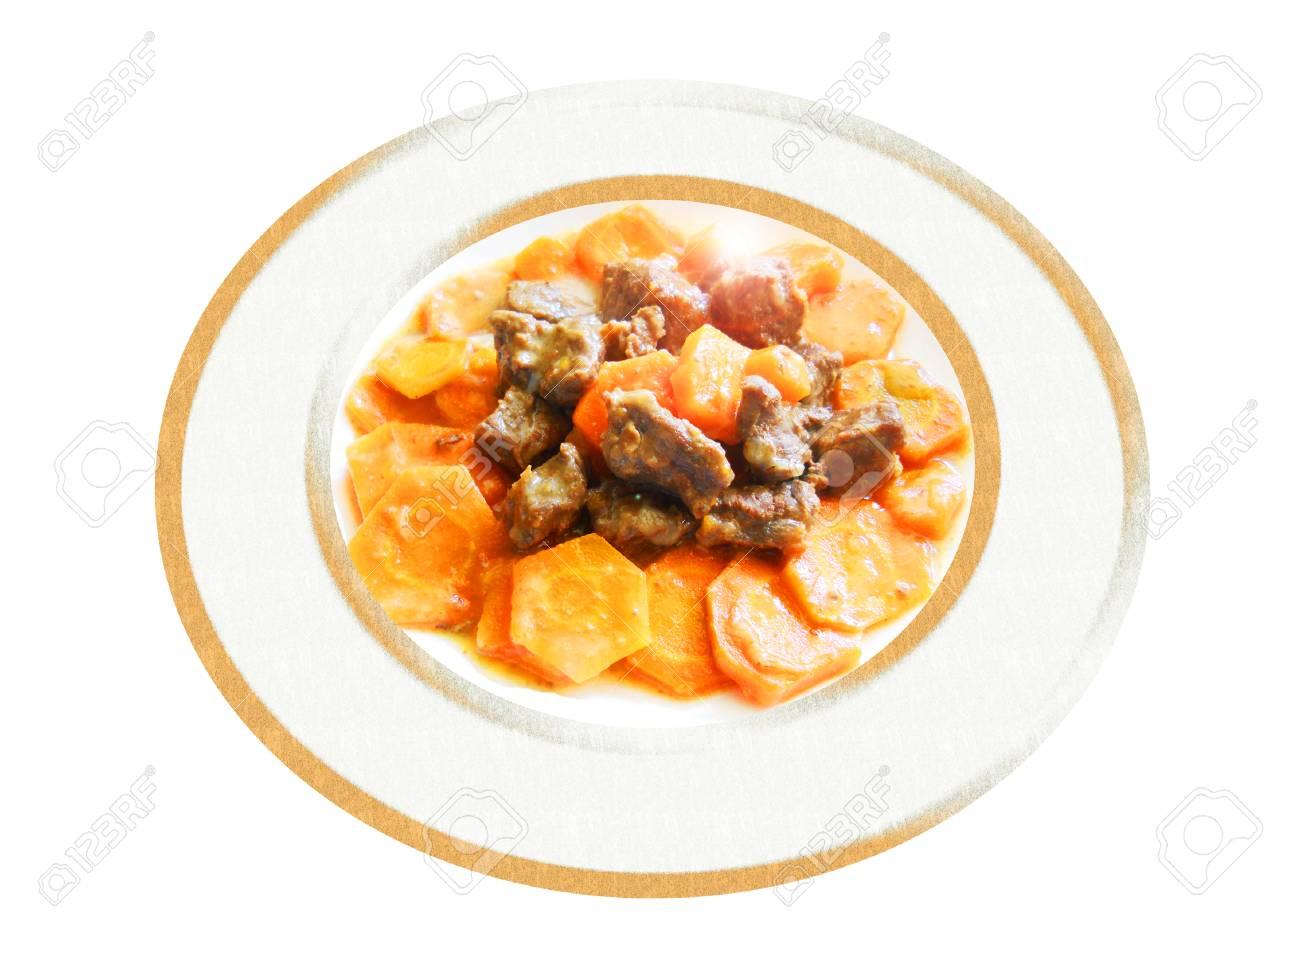 Cumplir con estofado de zanahorias. Composición. Foto de archivo - 52070987